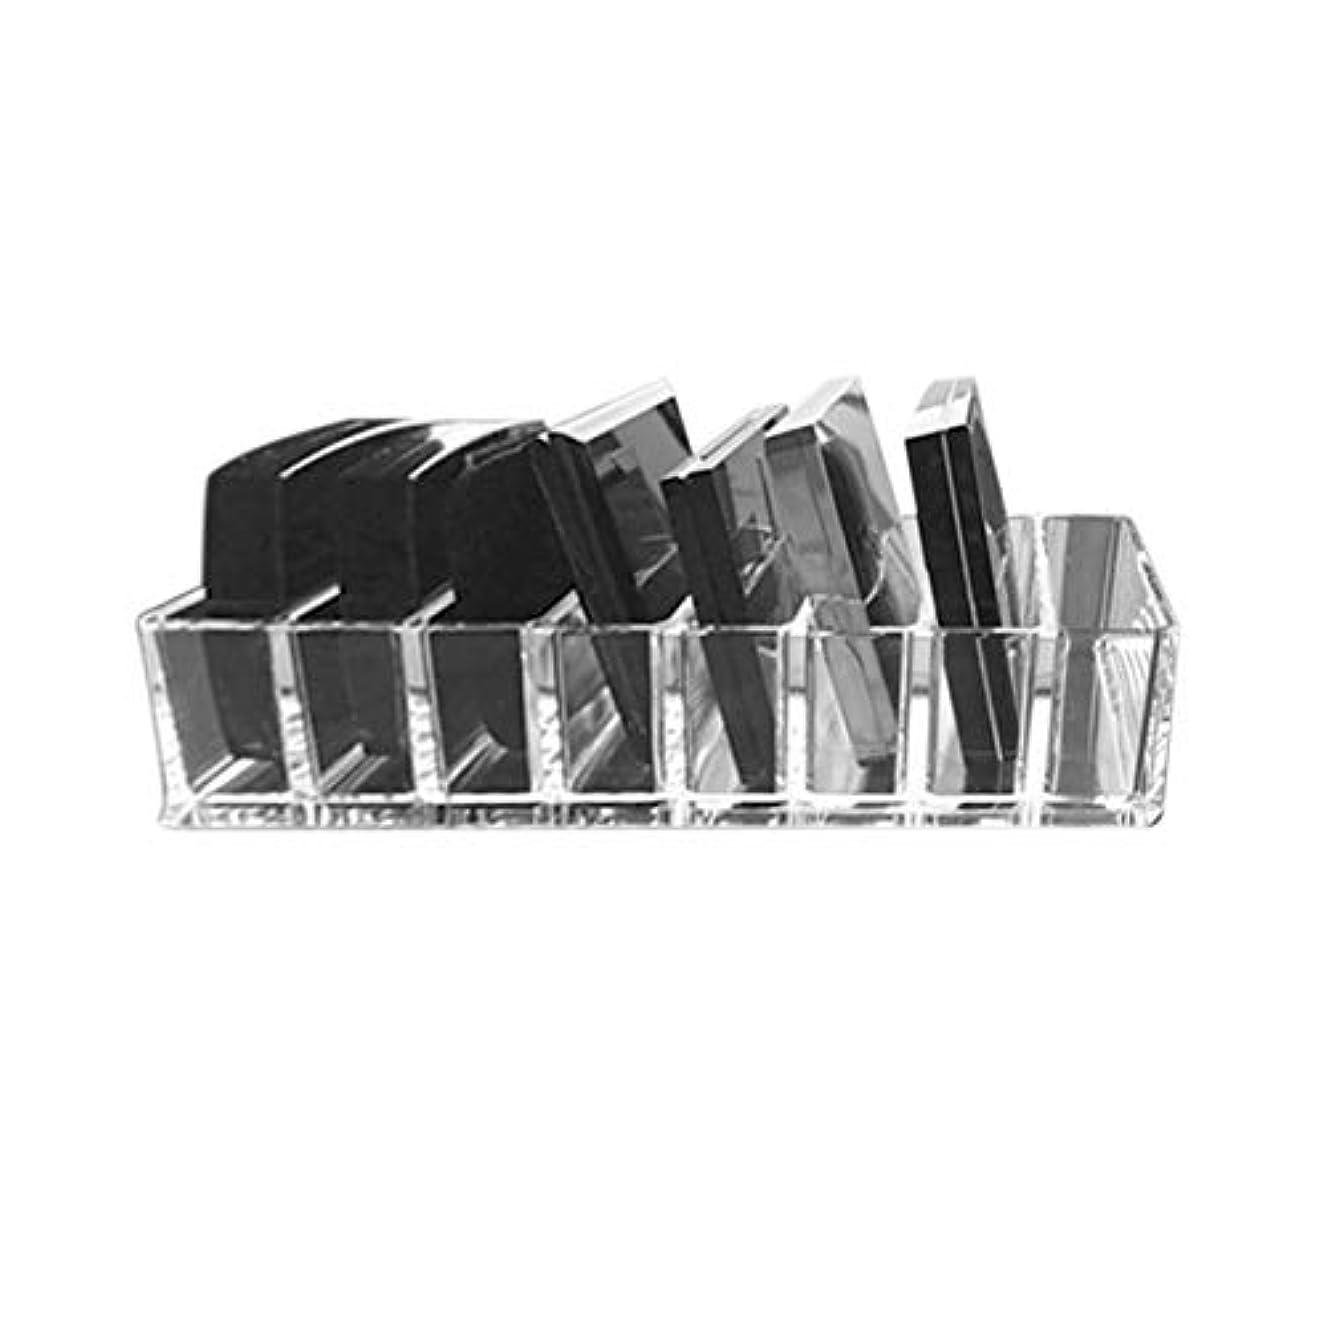 目指す安らぎかどうかSaikogoods 実用的な透明アクリルメイクアレンジストレージボックスリップスティックホルダー透明なマルチスロットデスクトップ化粧品オーガナイザー トランスペアレント